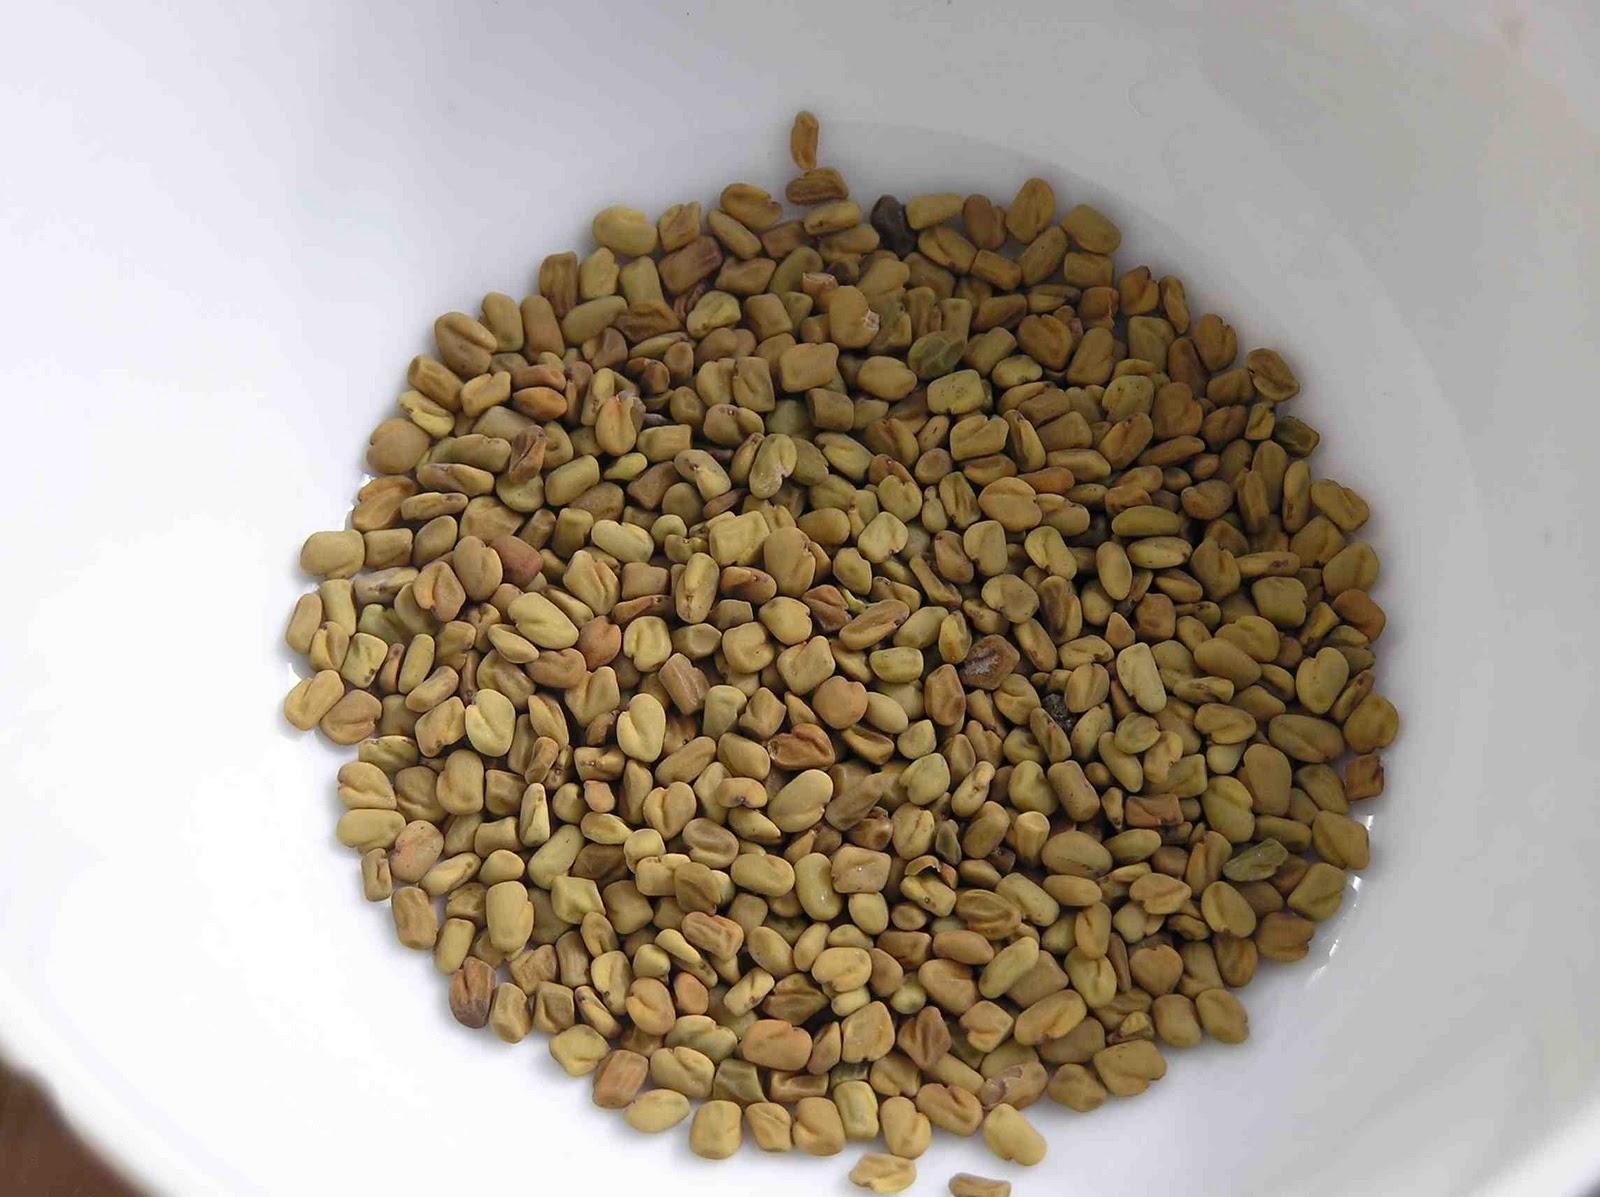 herbal teas and tonics: Fenugreek tea